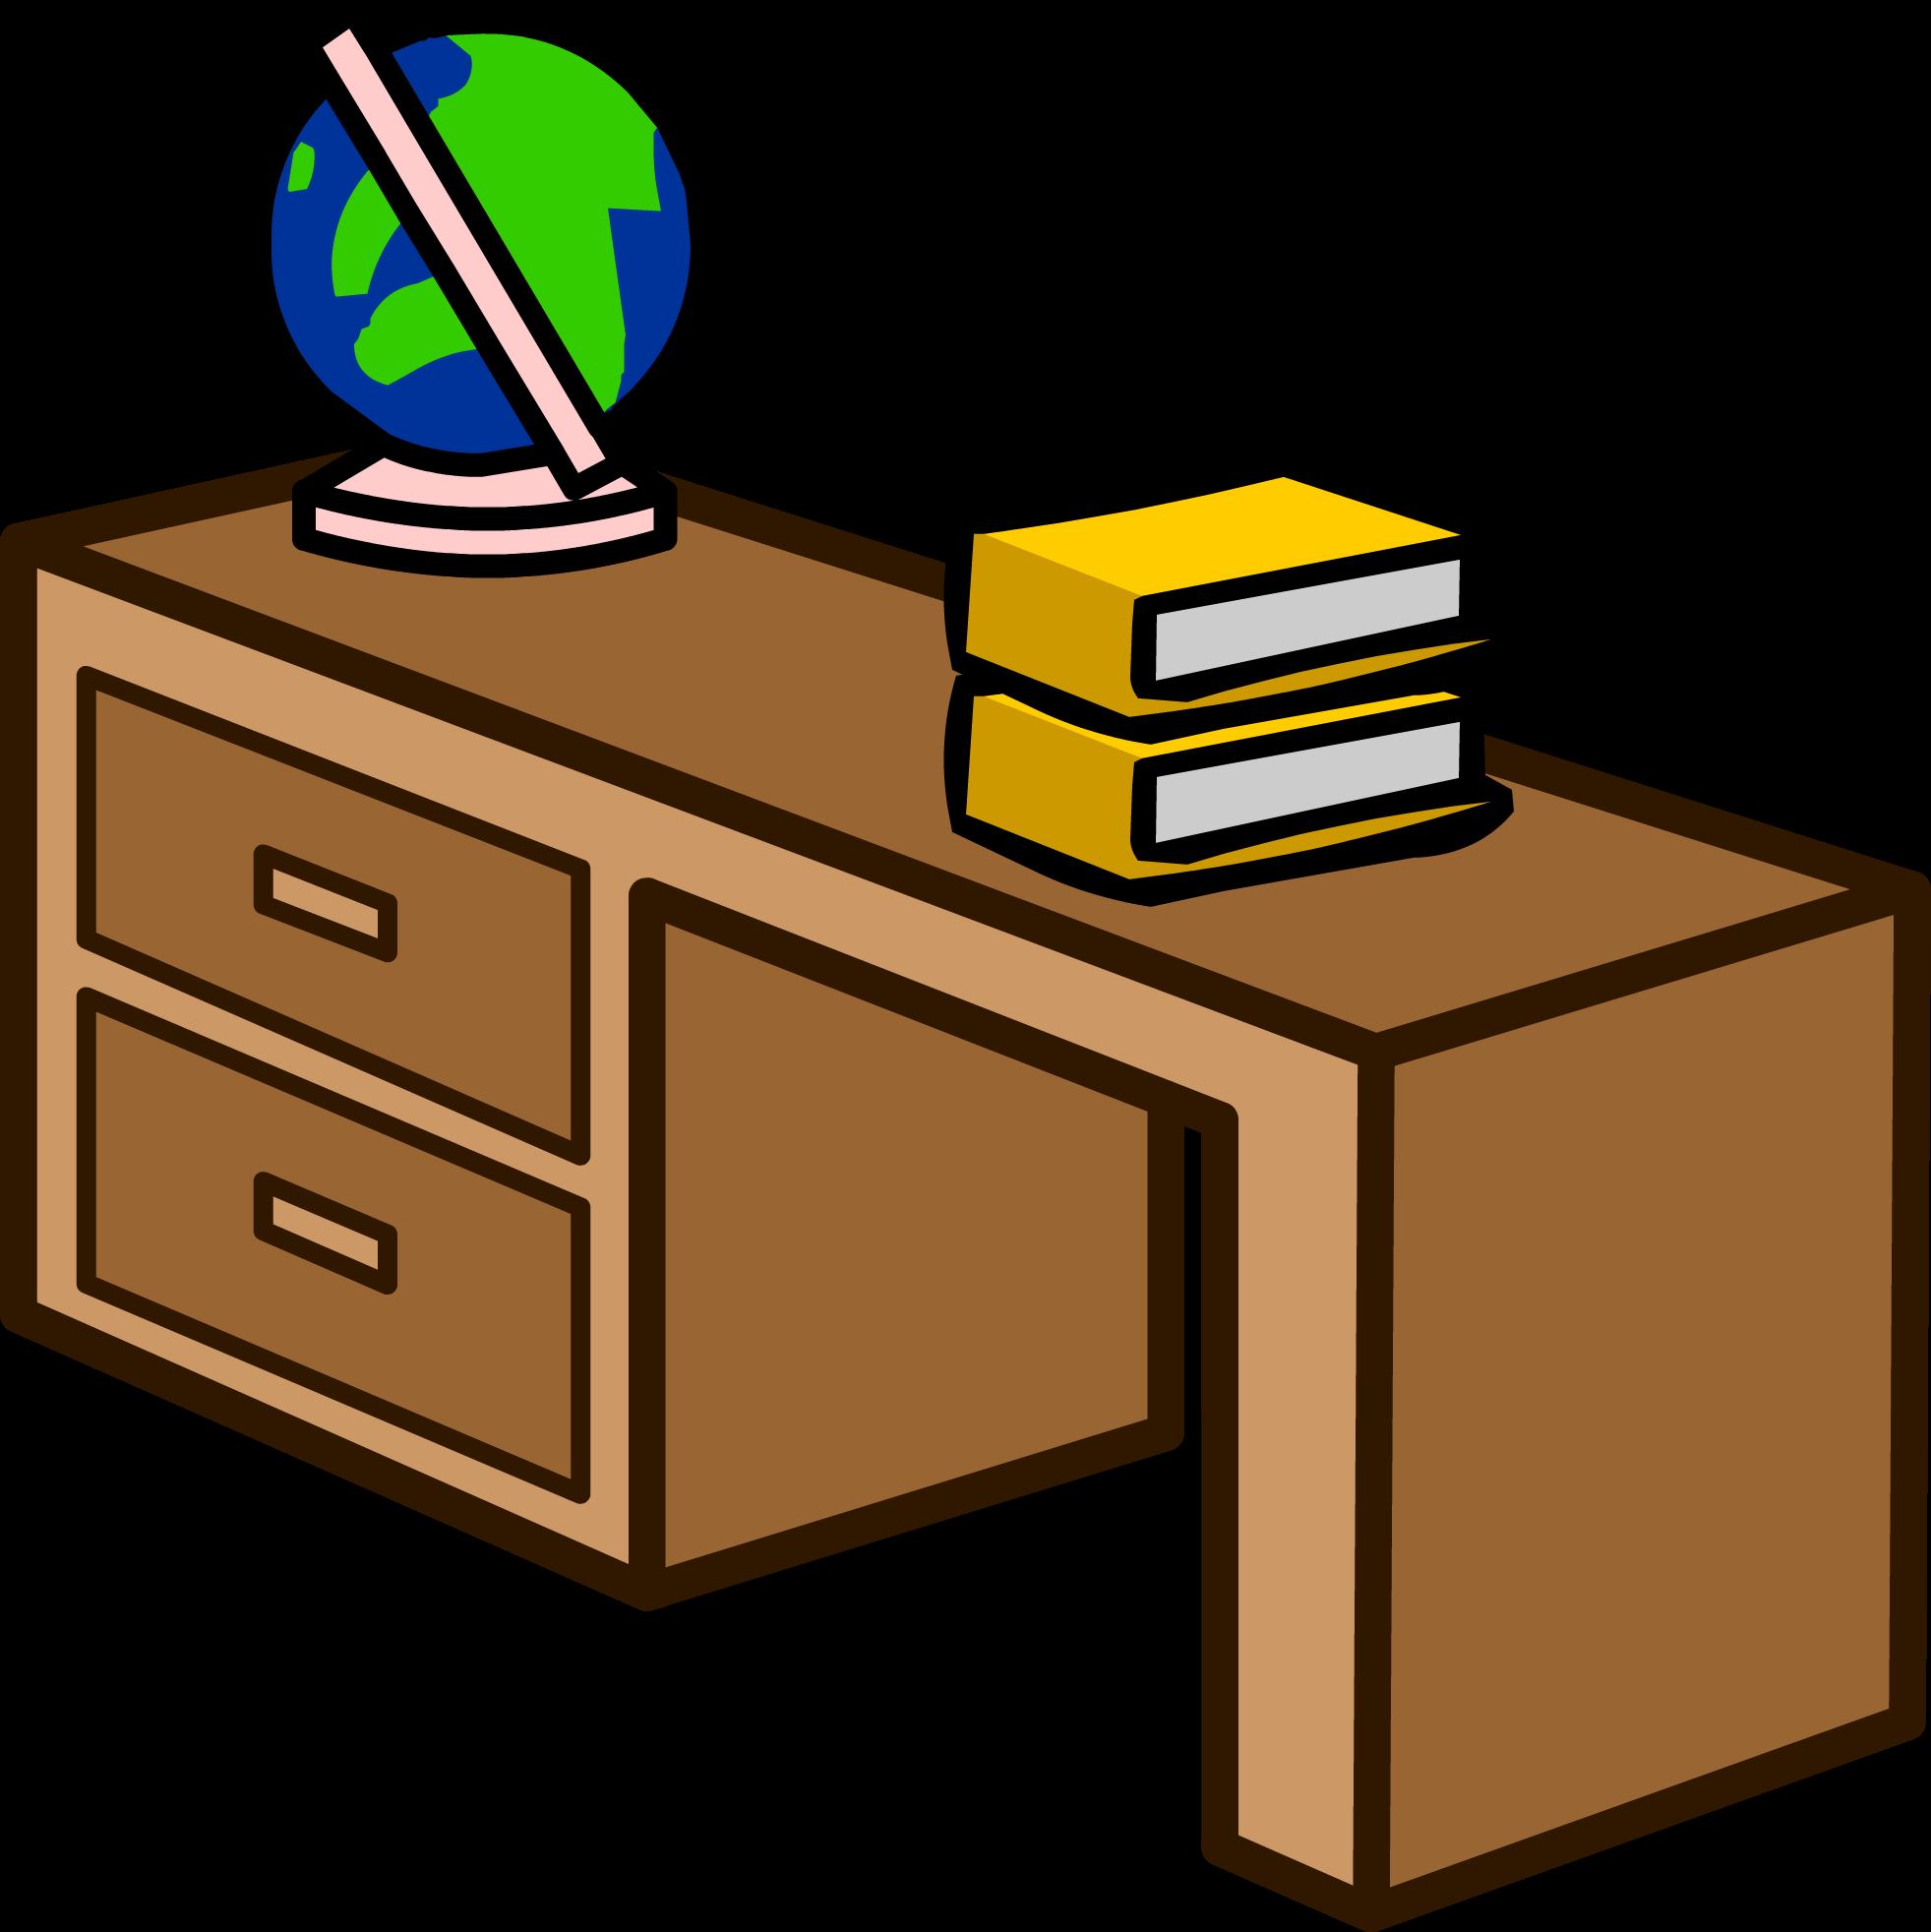 Image student sprite png. Desk clipart desk drawer